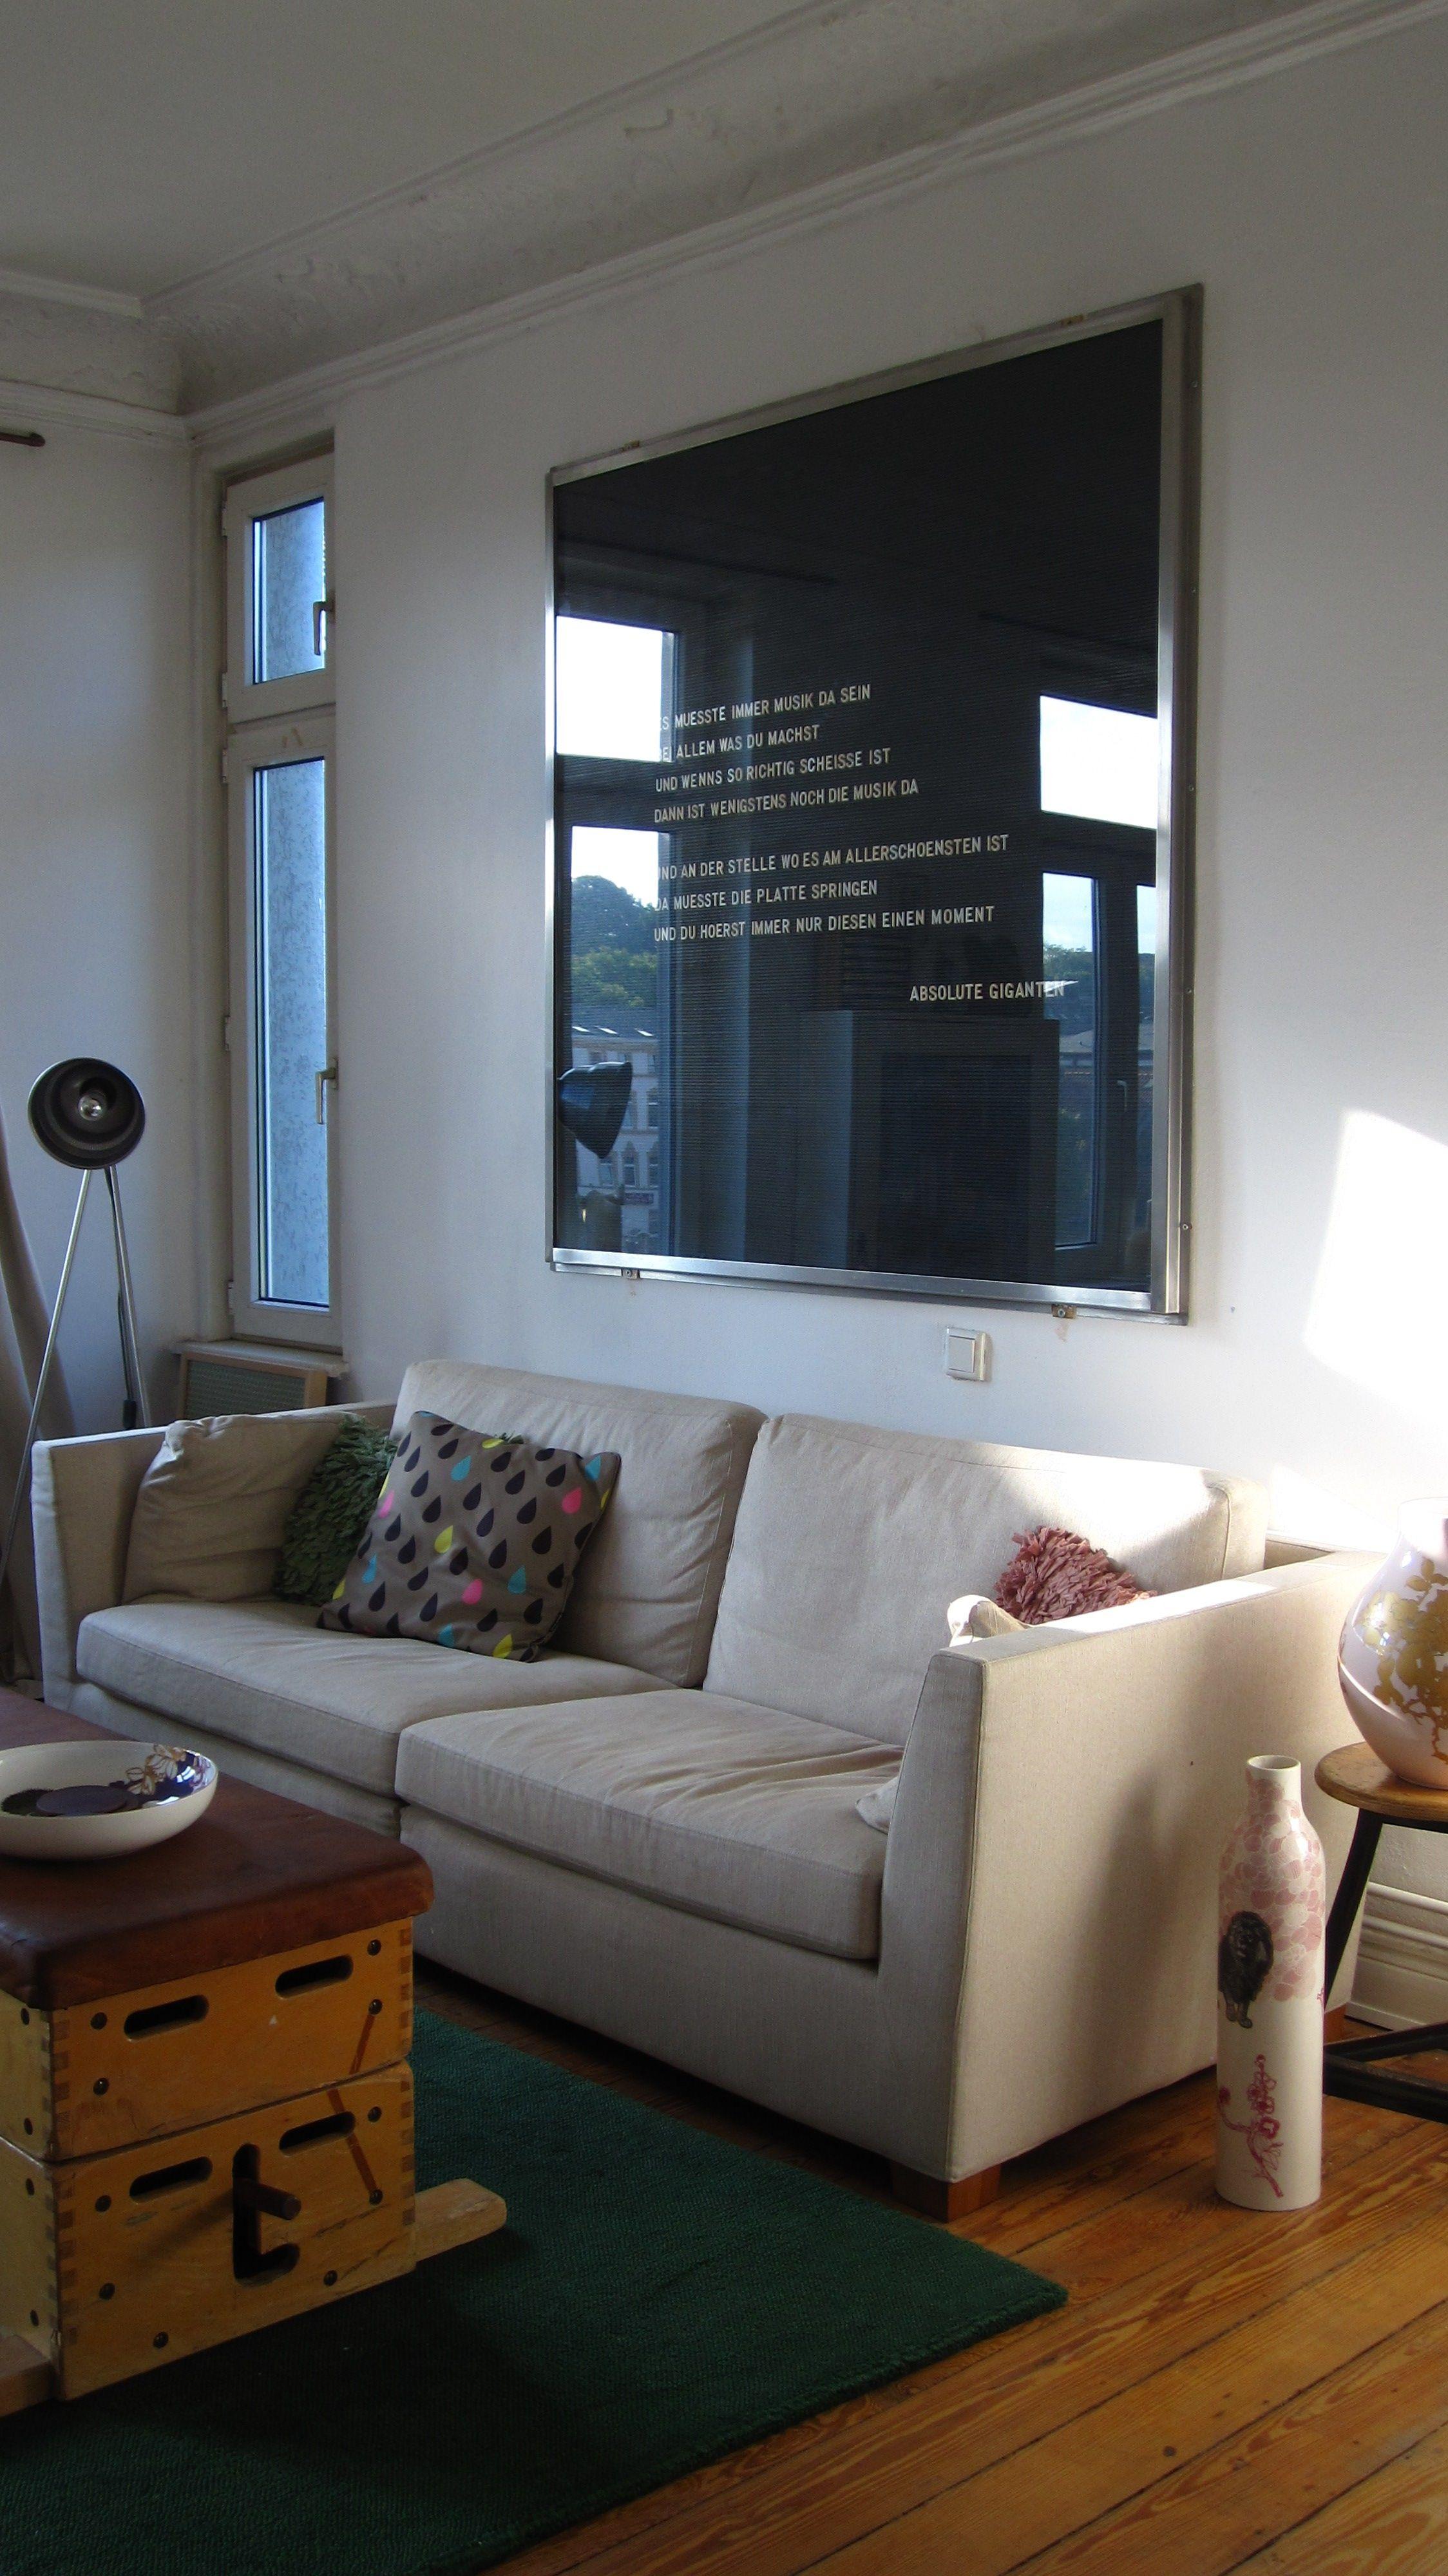 rillentafel | brauch, wohnideen und zuhause, Wohnzimmer dekoo